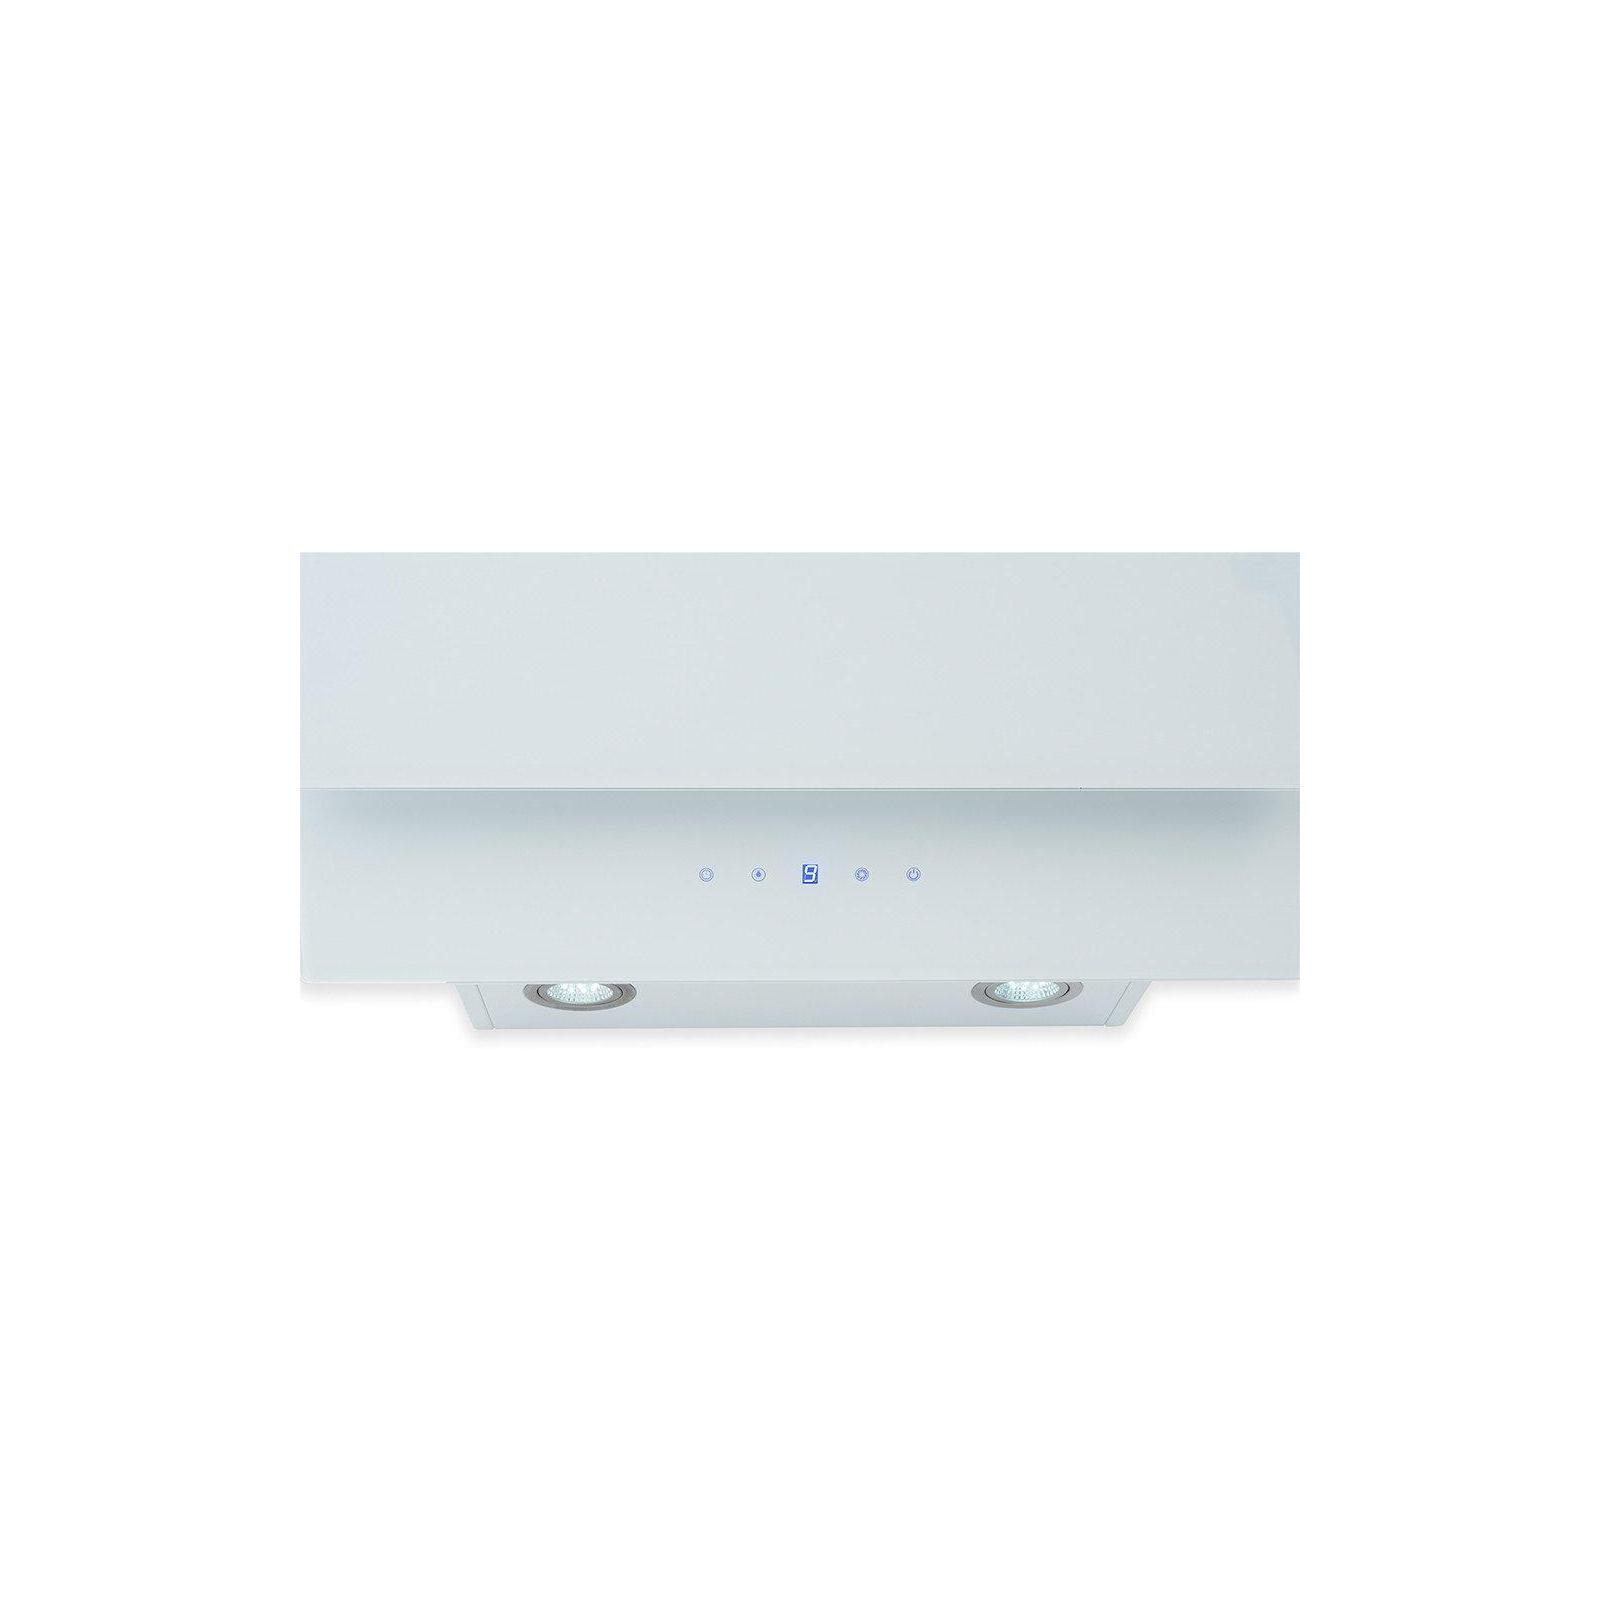 Вытяжка кухонная MINOLA HVS 6382 WH 750 LED изображение 4